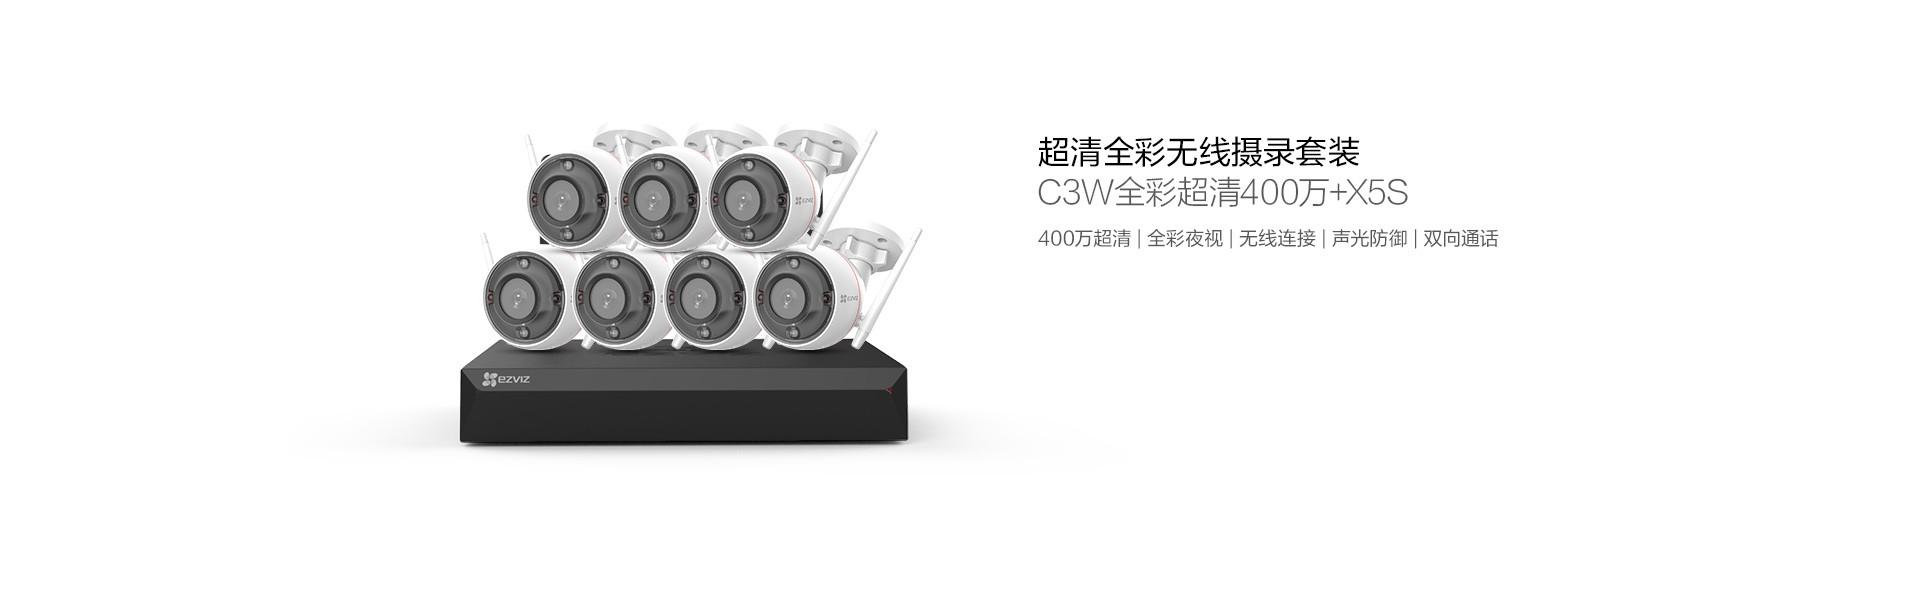 C3W-400万新品+X5S-详情页首屏-PC.jpg